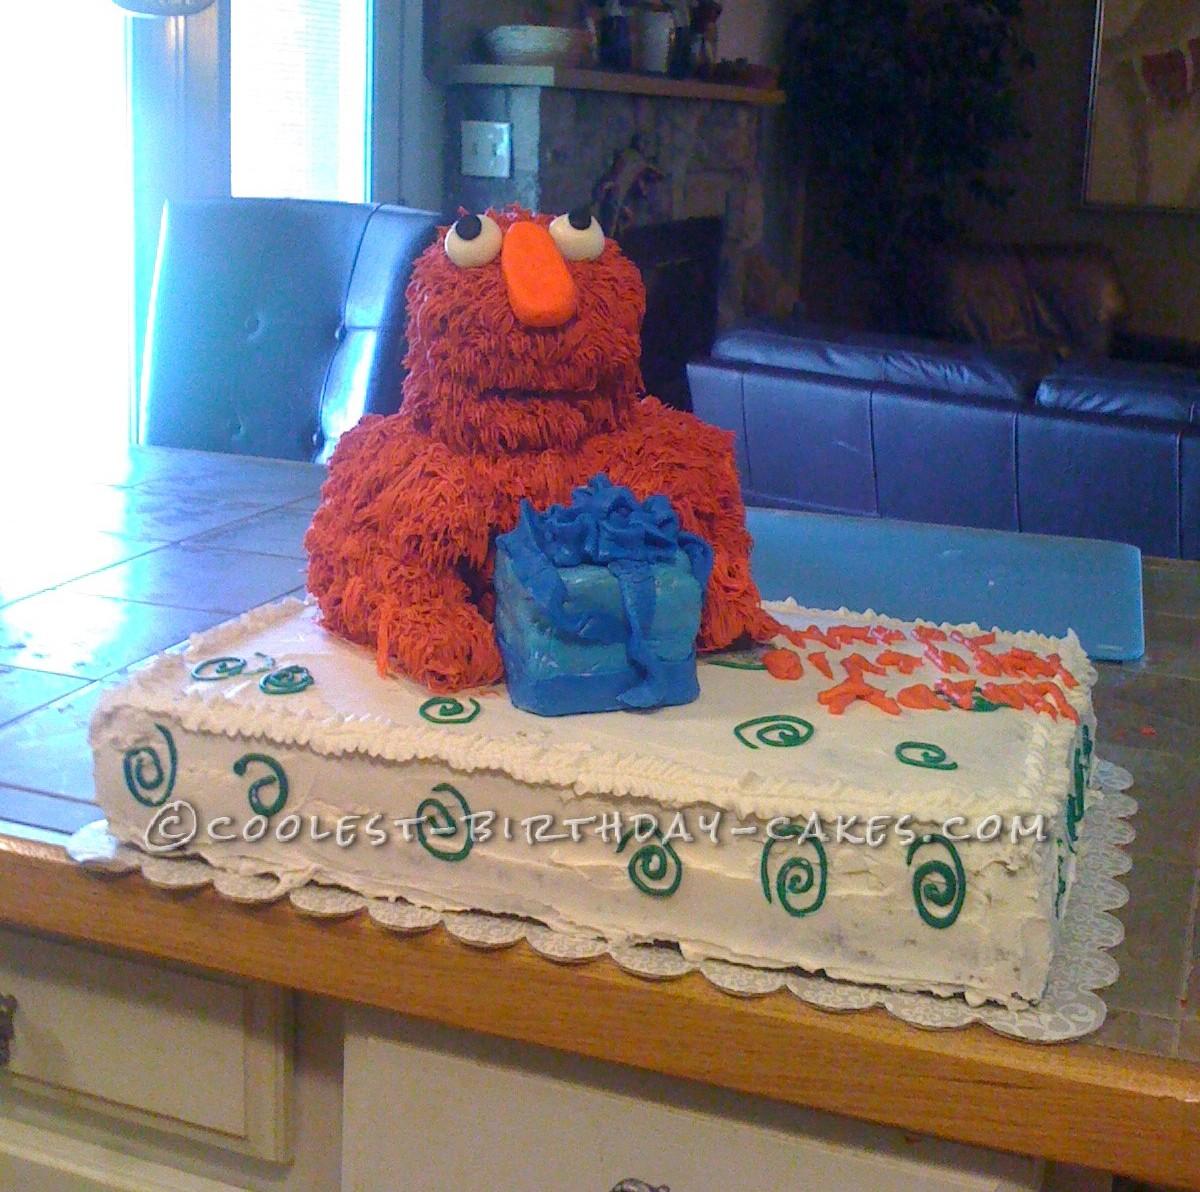 Coolest Baby Elmo Birthday Cake